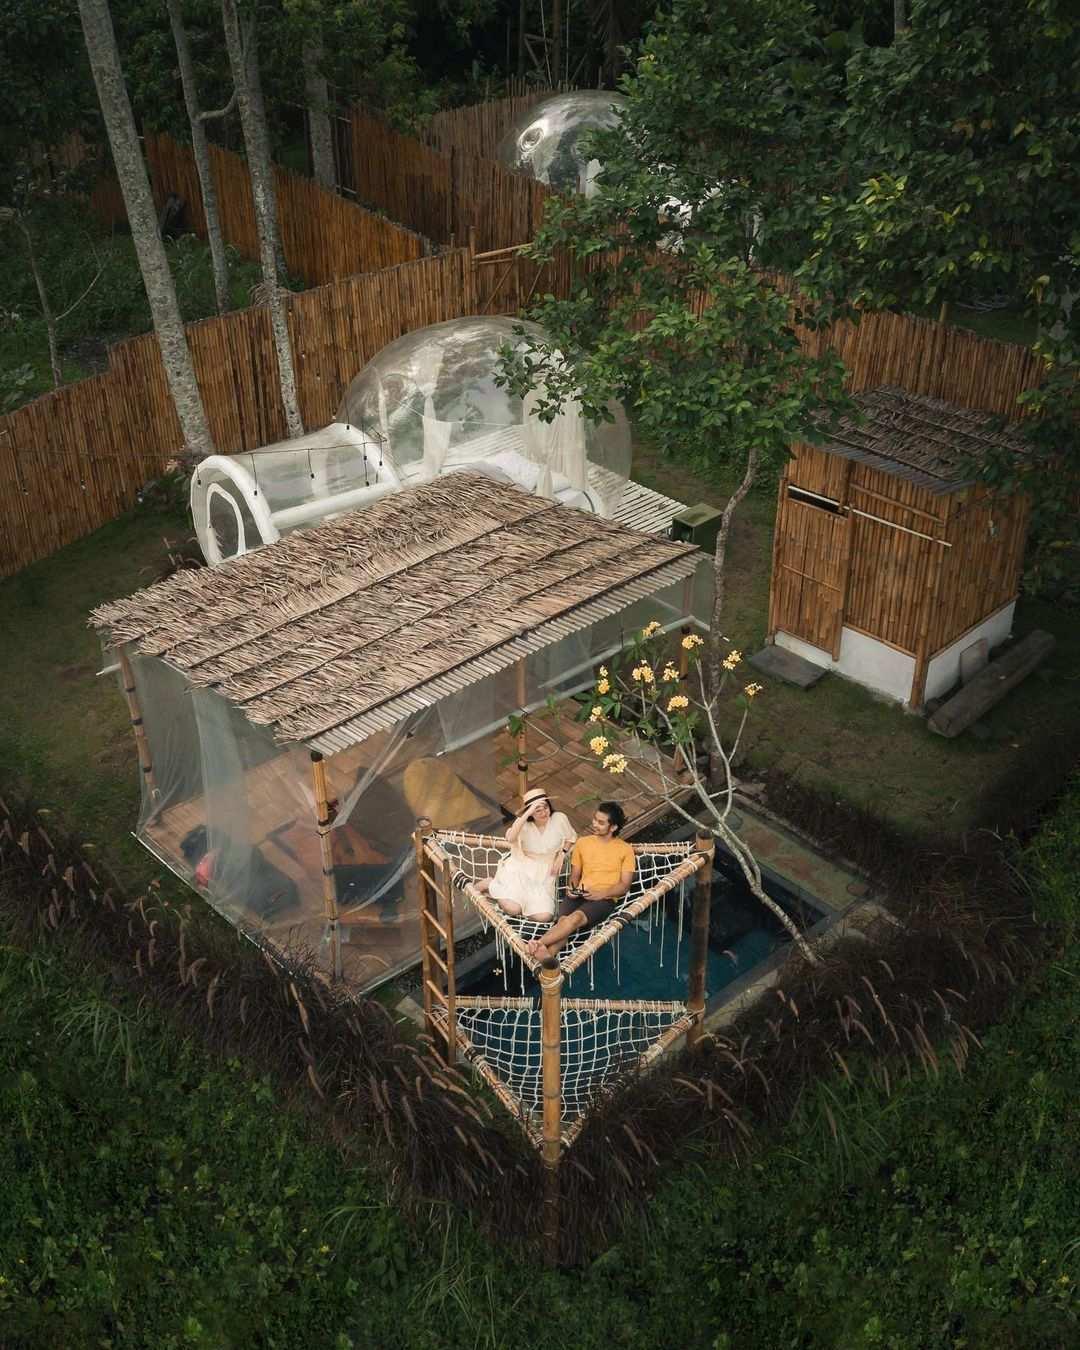 Nira Camper Village Dilihat Dari Atas Image From @corypramita